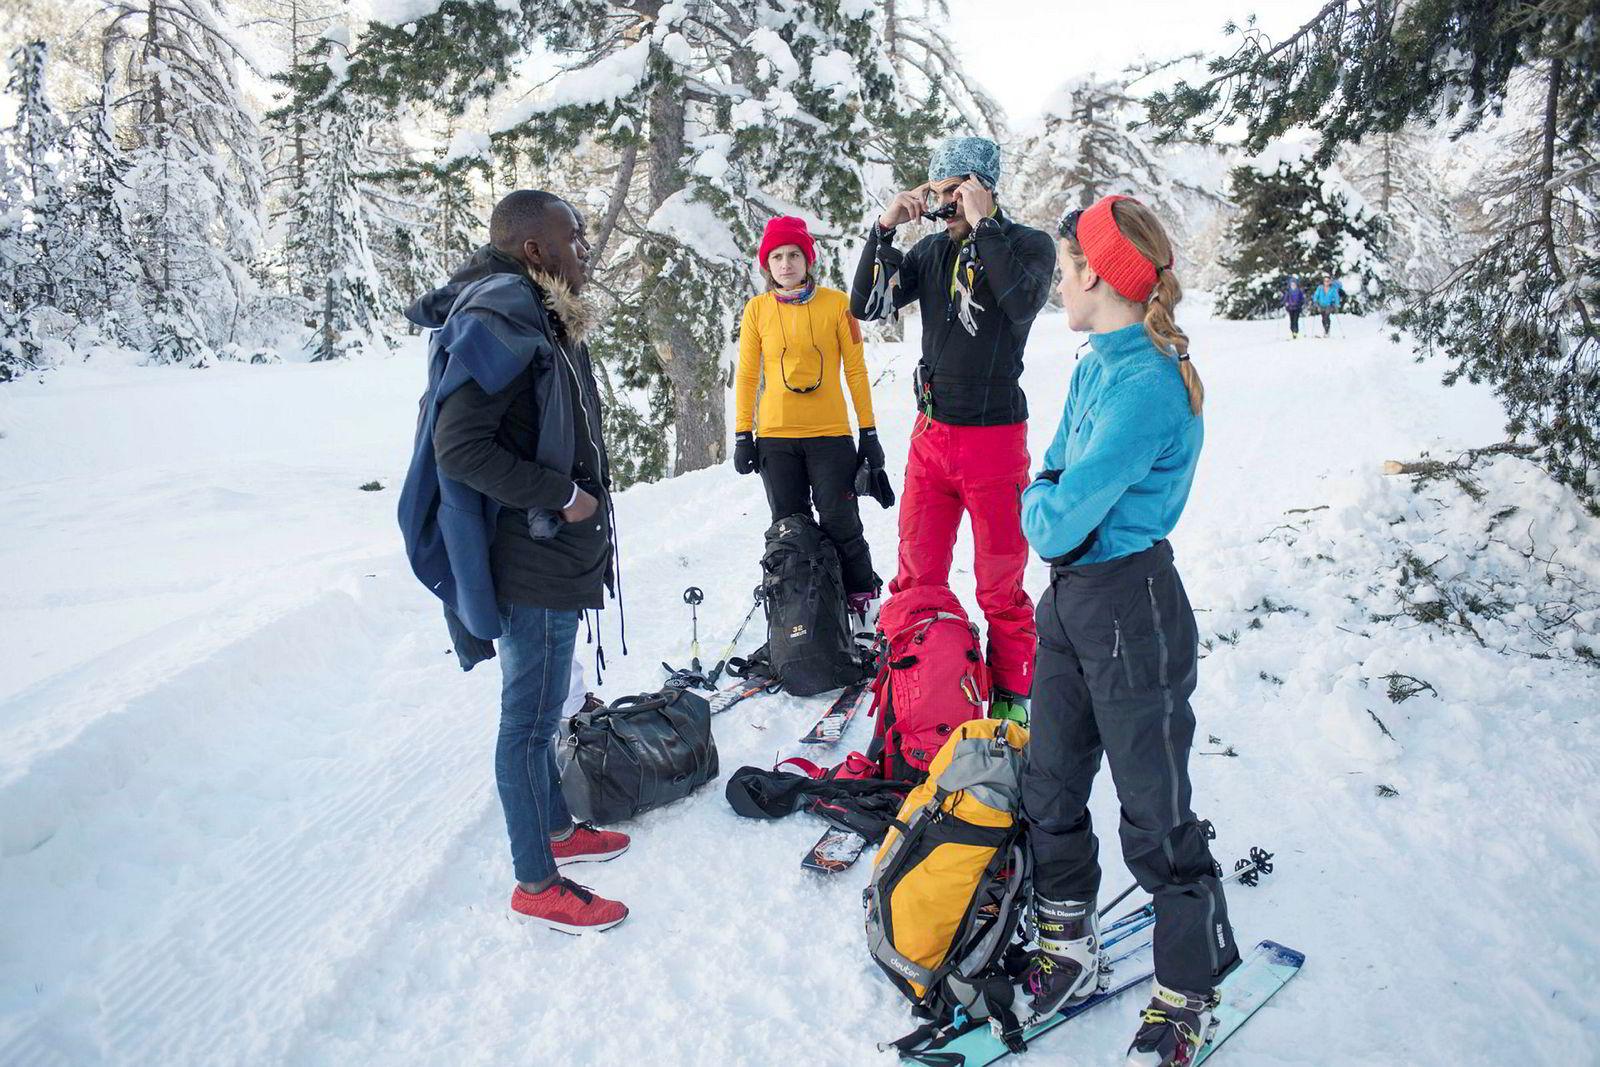 Franske turister tilbyr mat og drikke til en innvandrer som forsøker å komme seg over til Frankrike via alpebyen Bardonecchia nord i Italia. Bildet er tatt i januar.